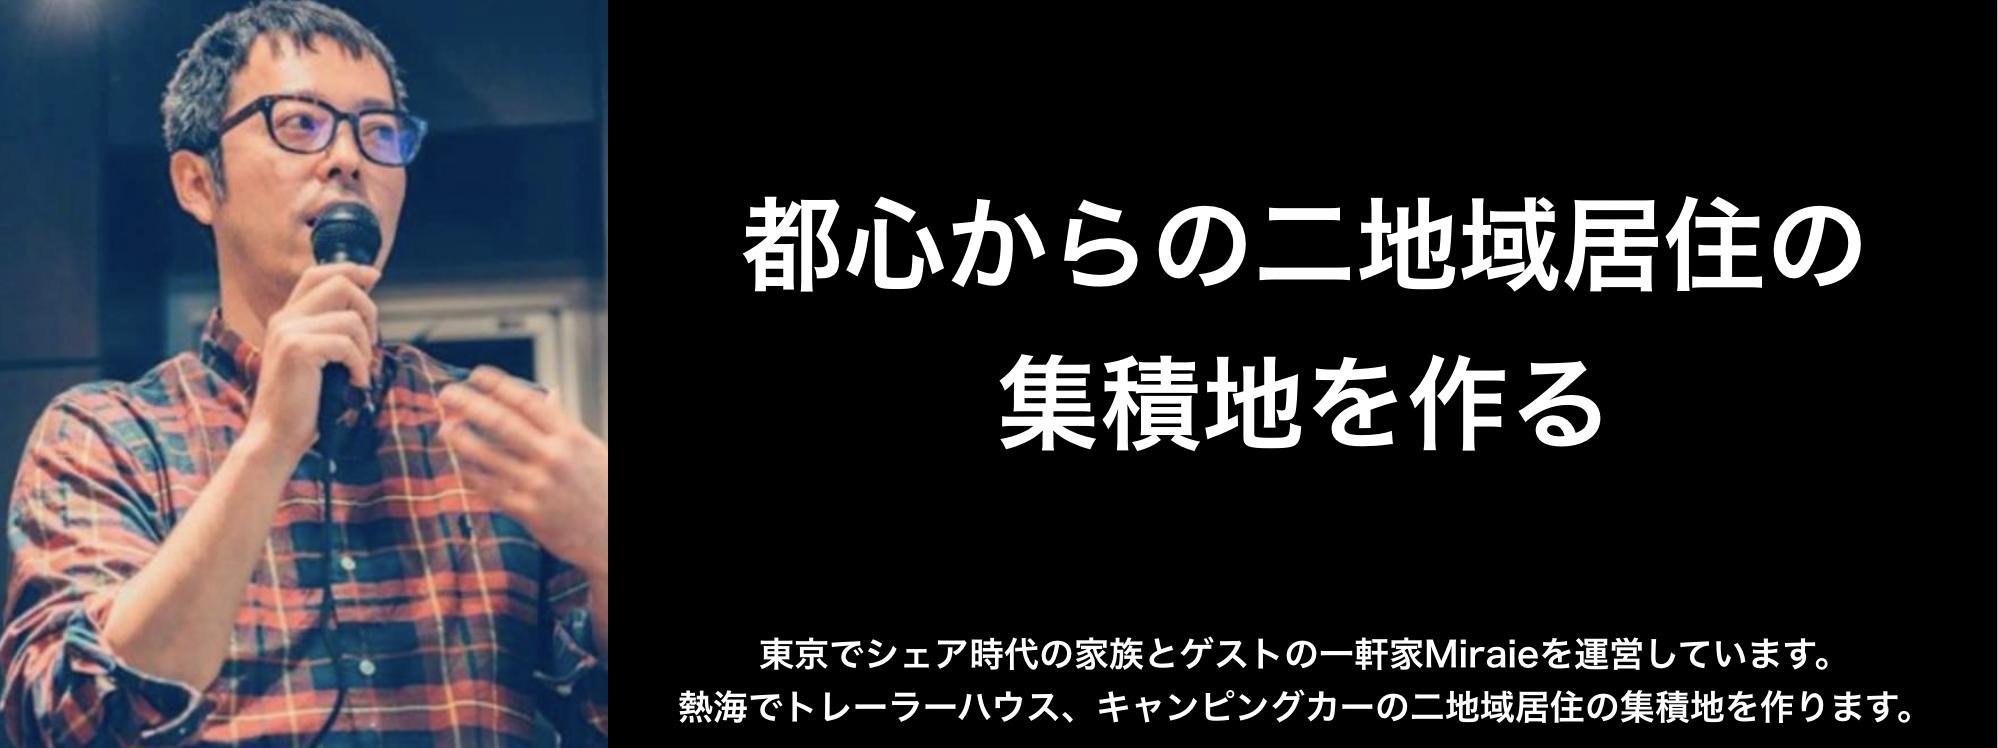 スクリーンショット 2017-03-10 9.59.50